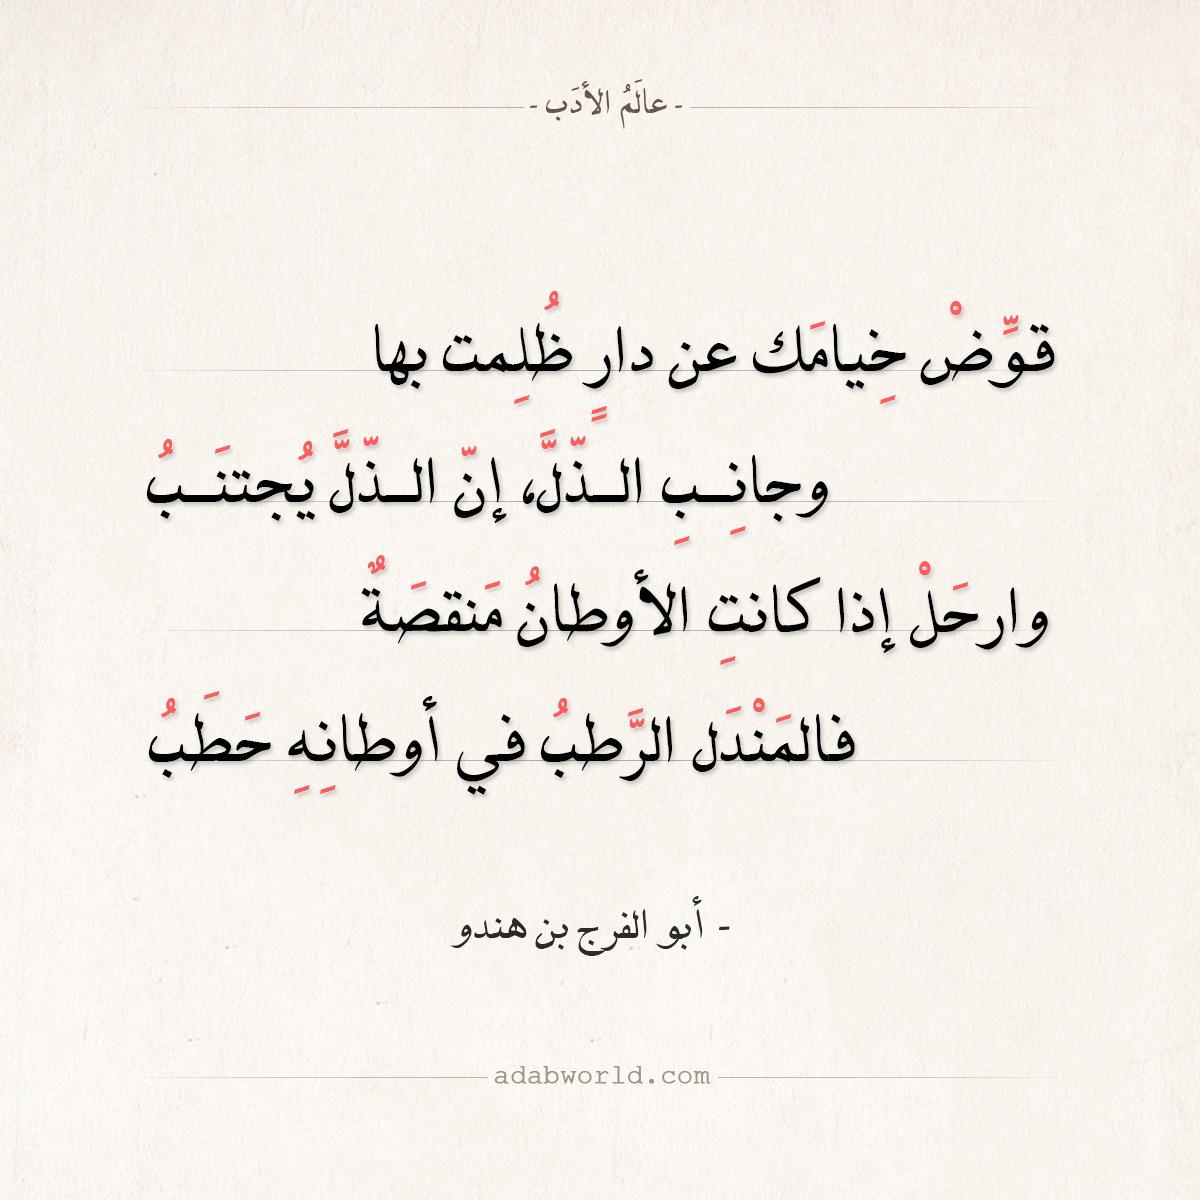 شعر أبو الفرج بن هندو - قوض خيامك عن دار ظلمت بها